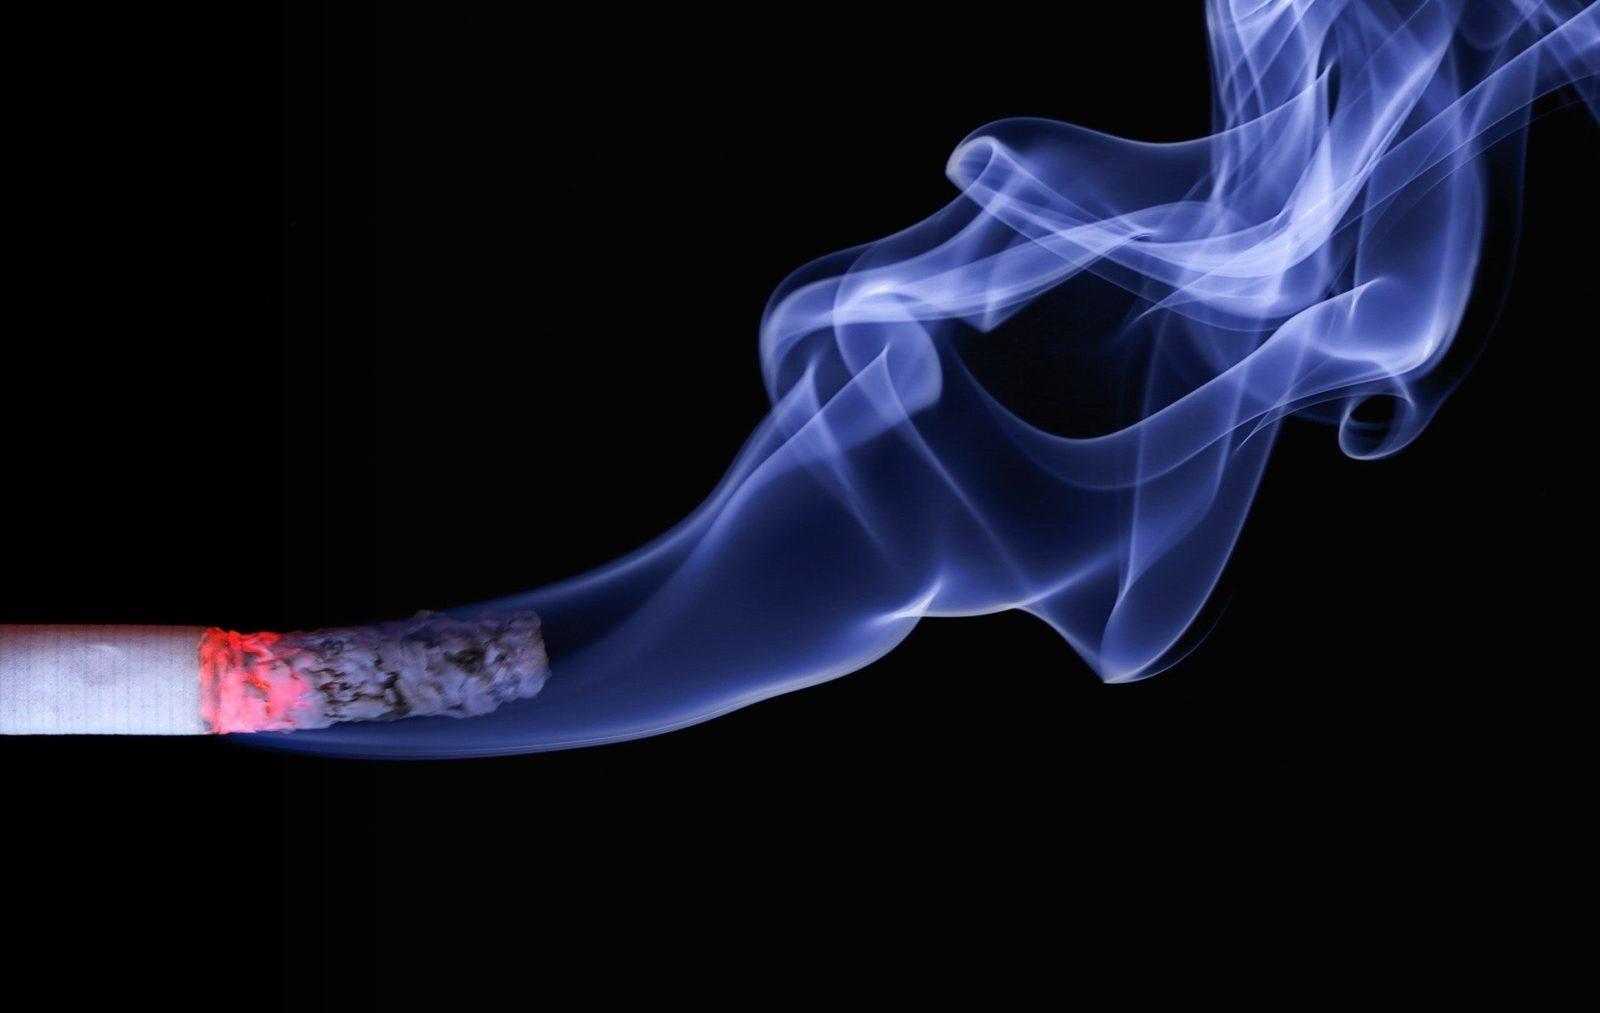 Projet de loi S-5 : emballage neutre des produits du tabac et réglementation du vapotage